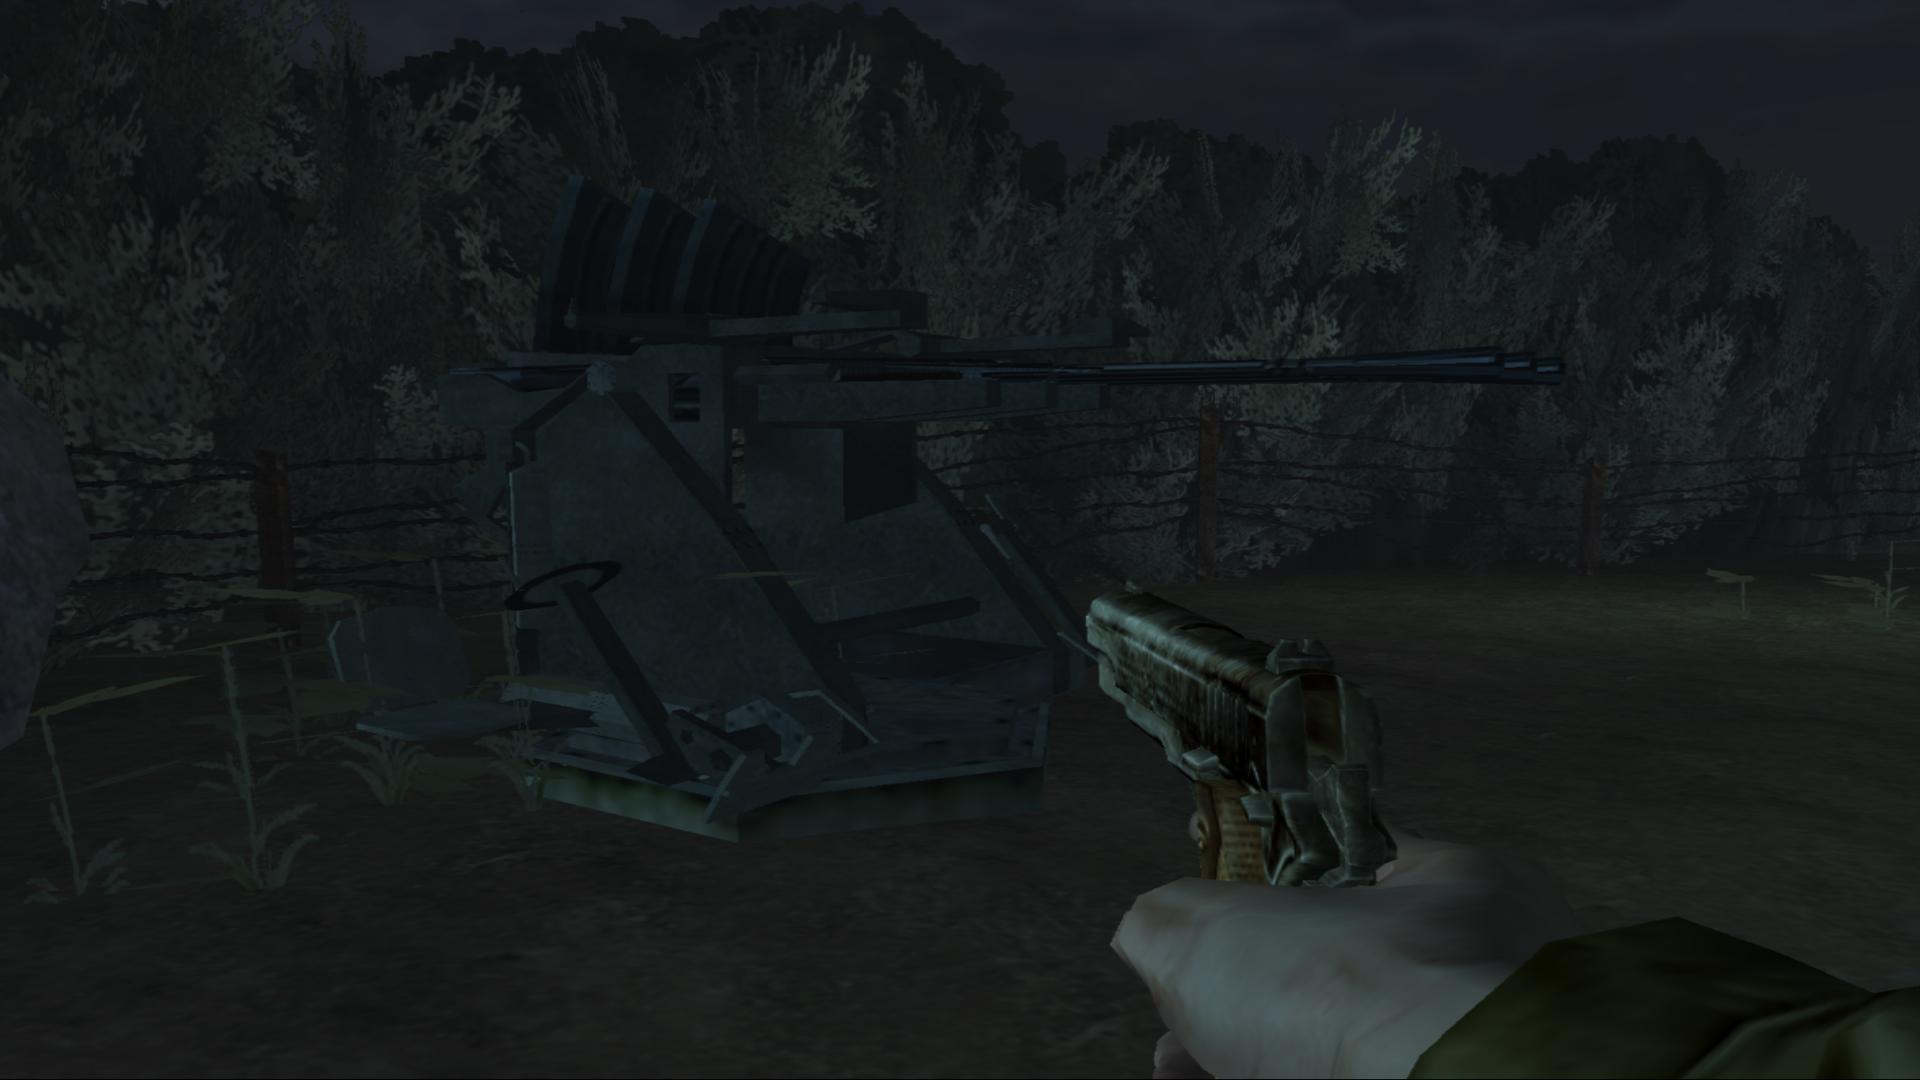 Type 96 AA gun